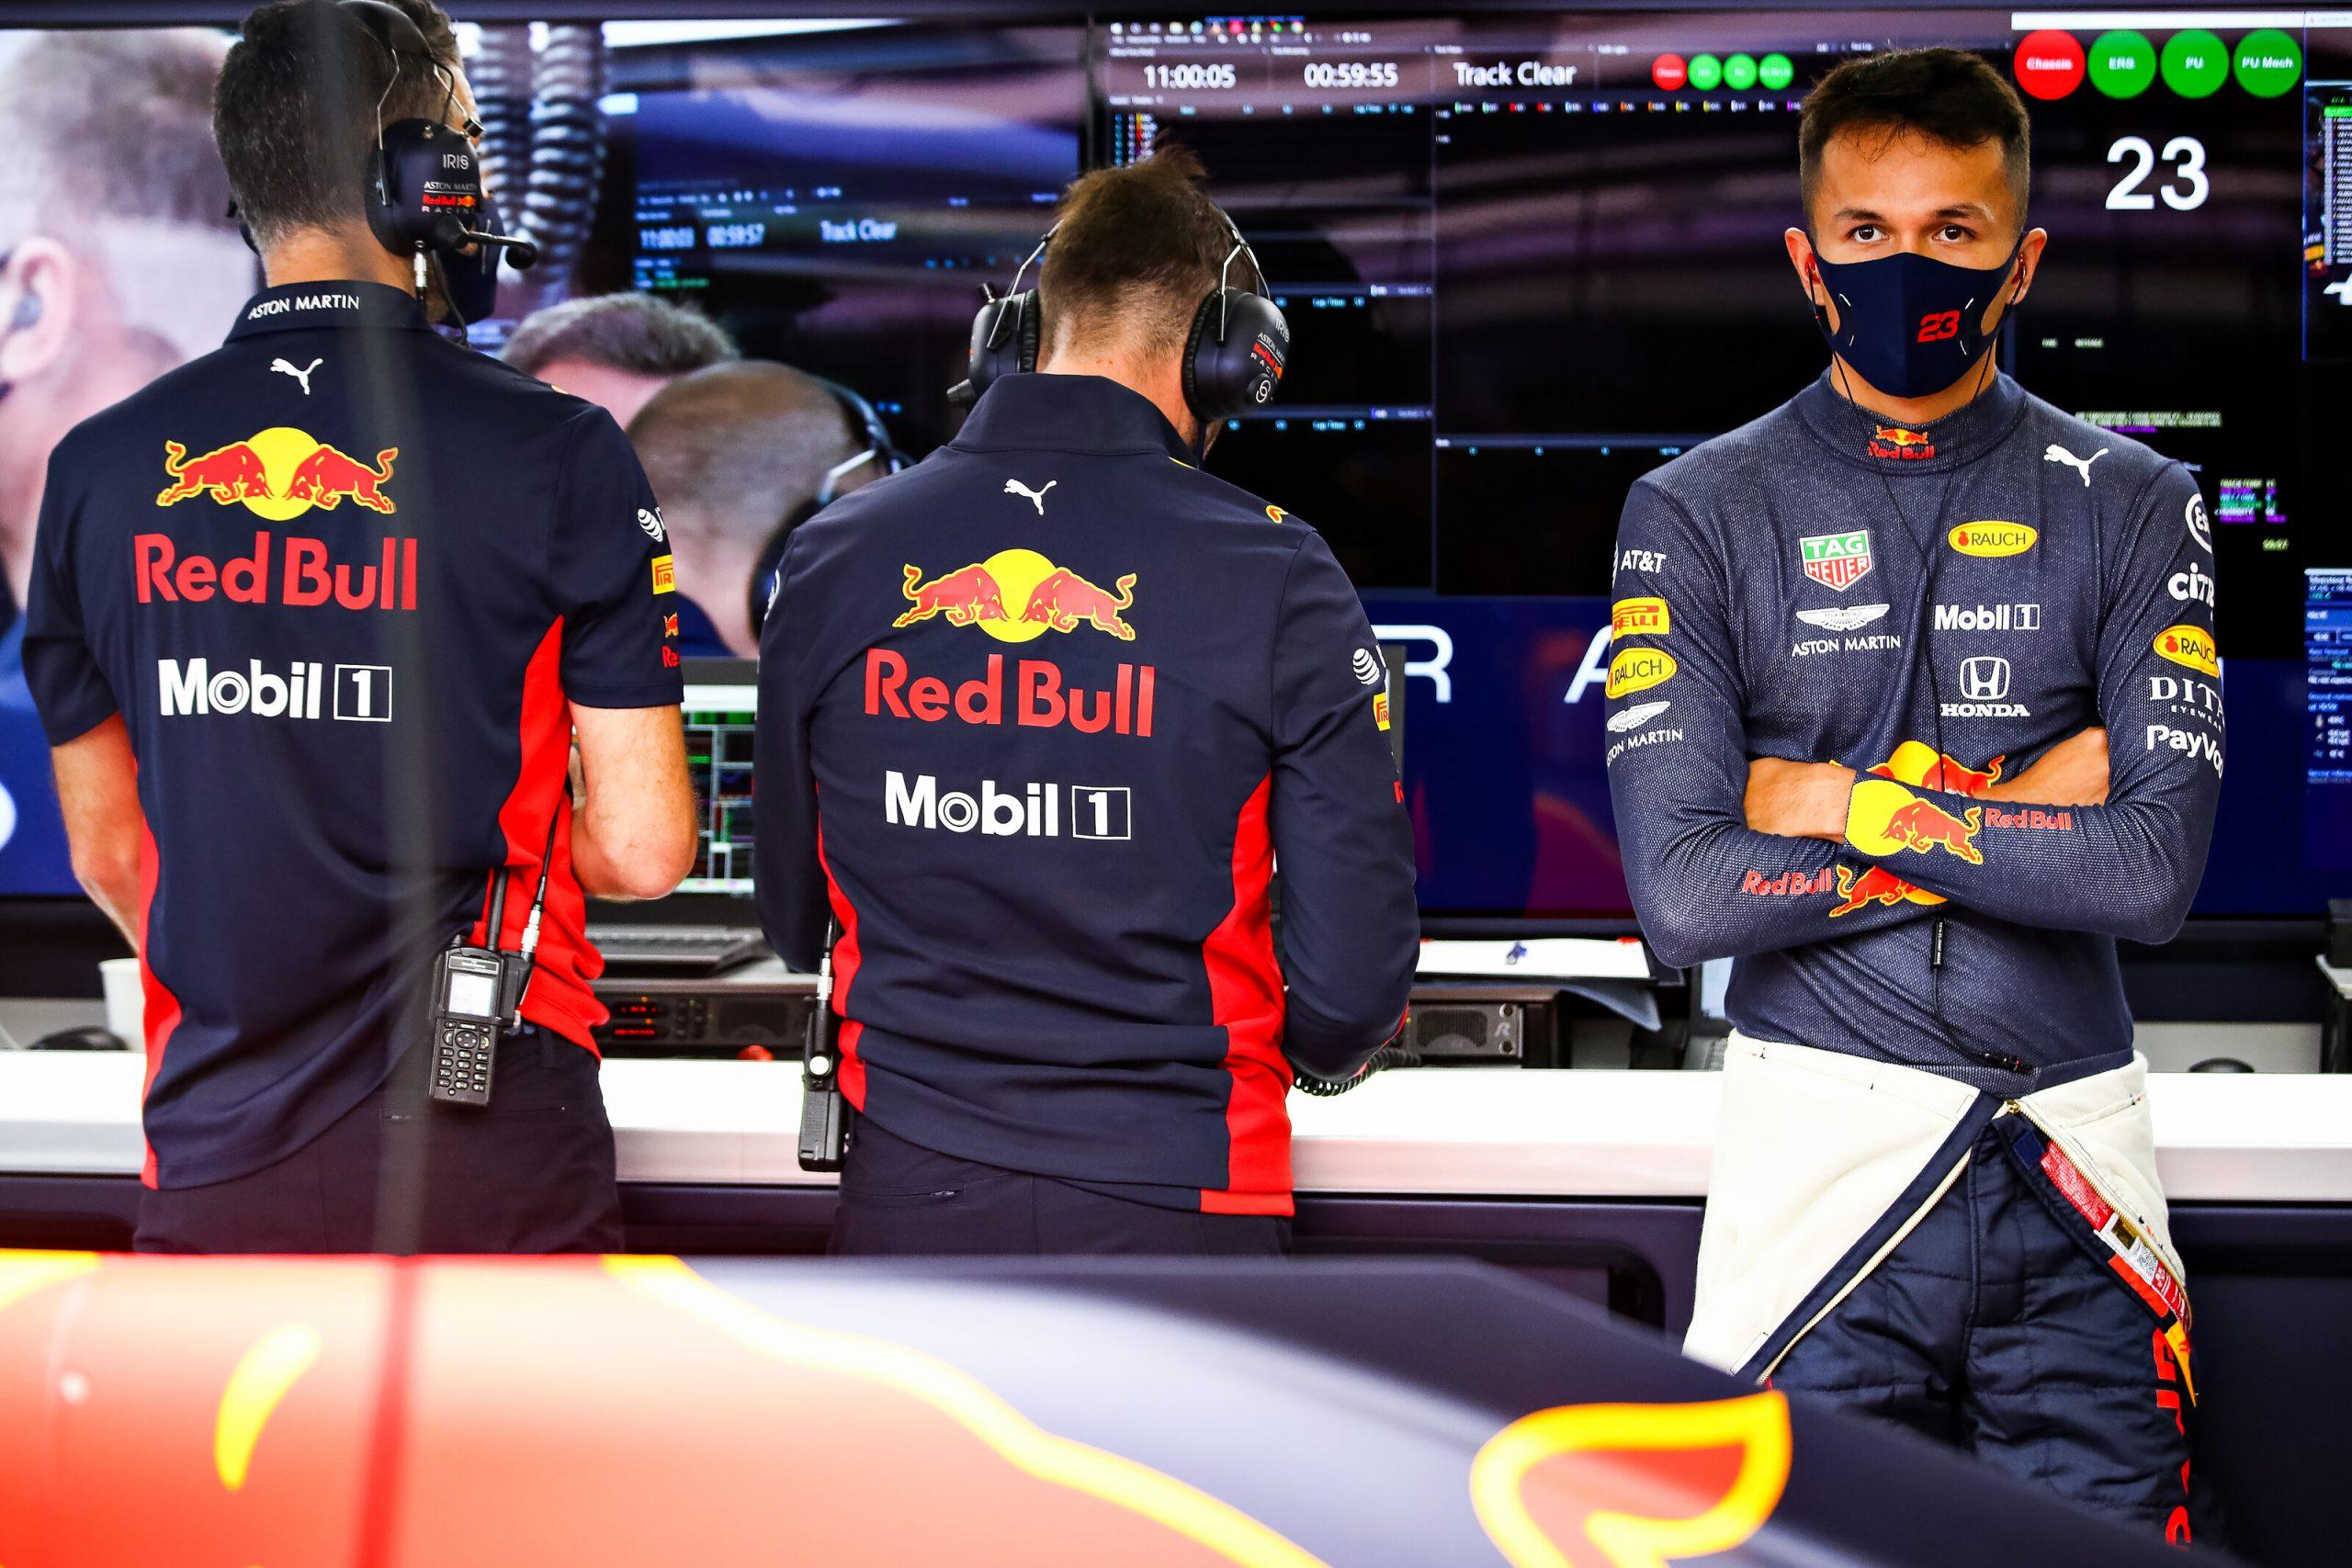 """Le patron de Red Bull défend Alex Albon après des critiques """"injustifiées"""" 1"""